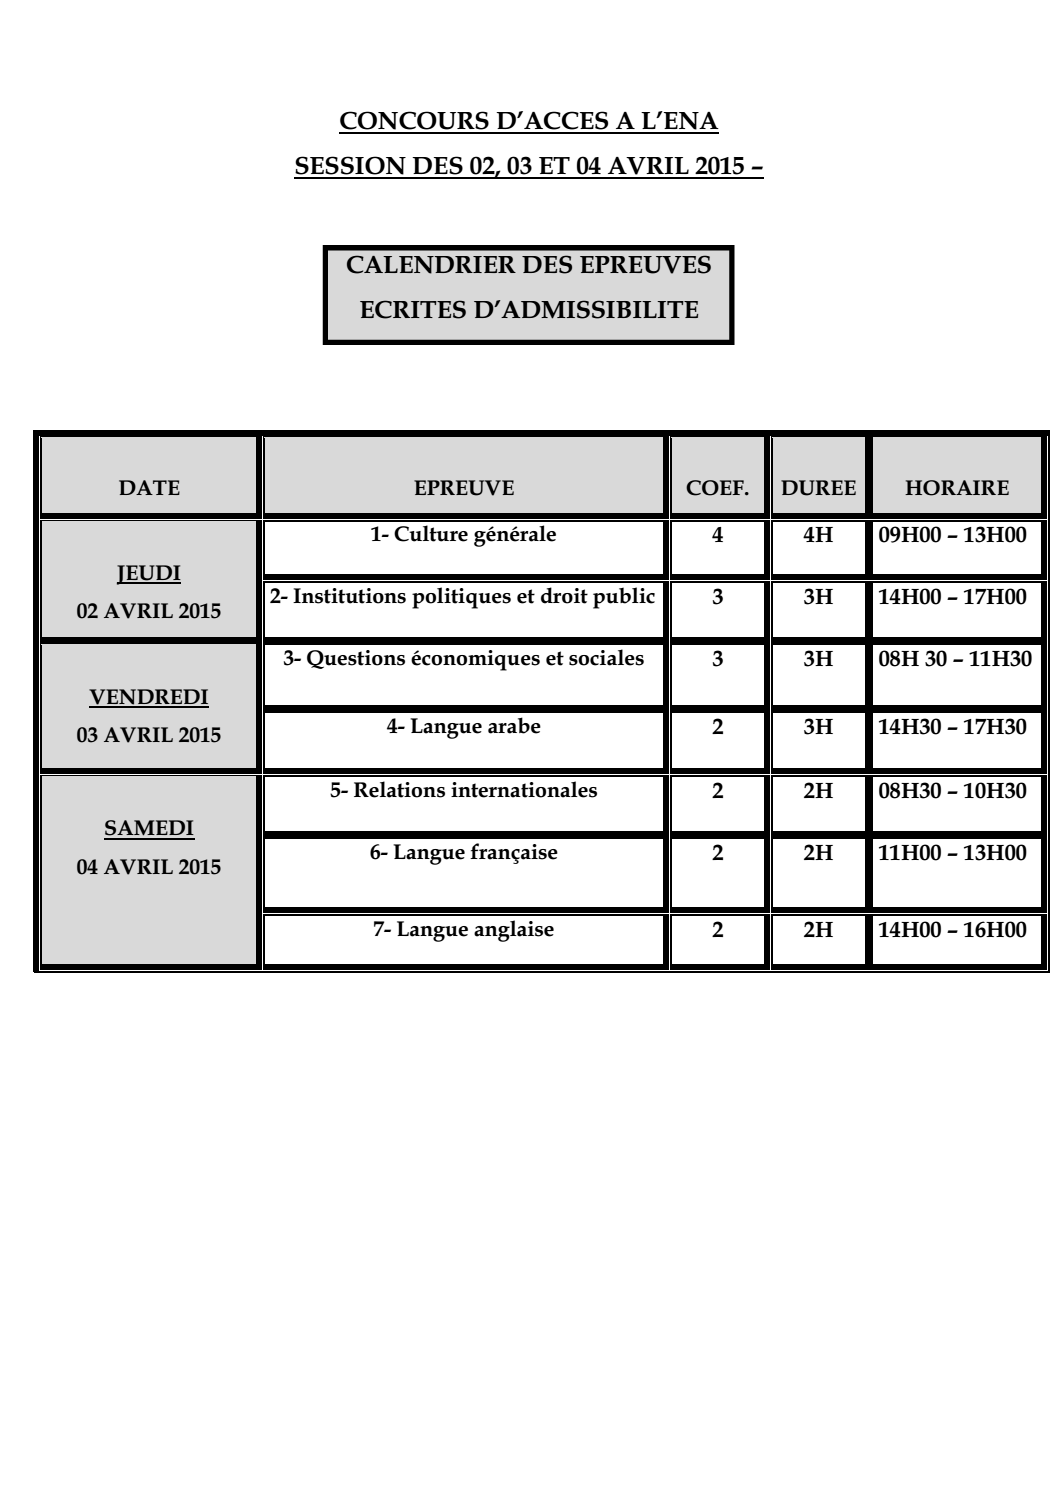 الجدول الزمني الخاص بالإختبارات الكتابية والقائمة الإسمية للمترشحين لمسابقة المدرسة الوطنية للإدارة 2015 2.png